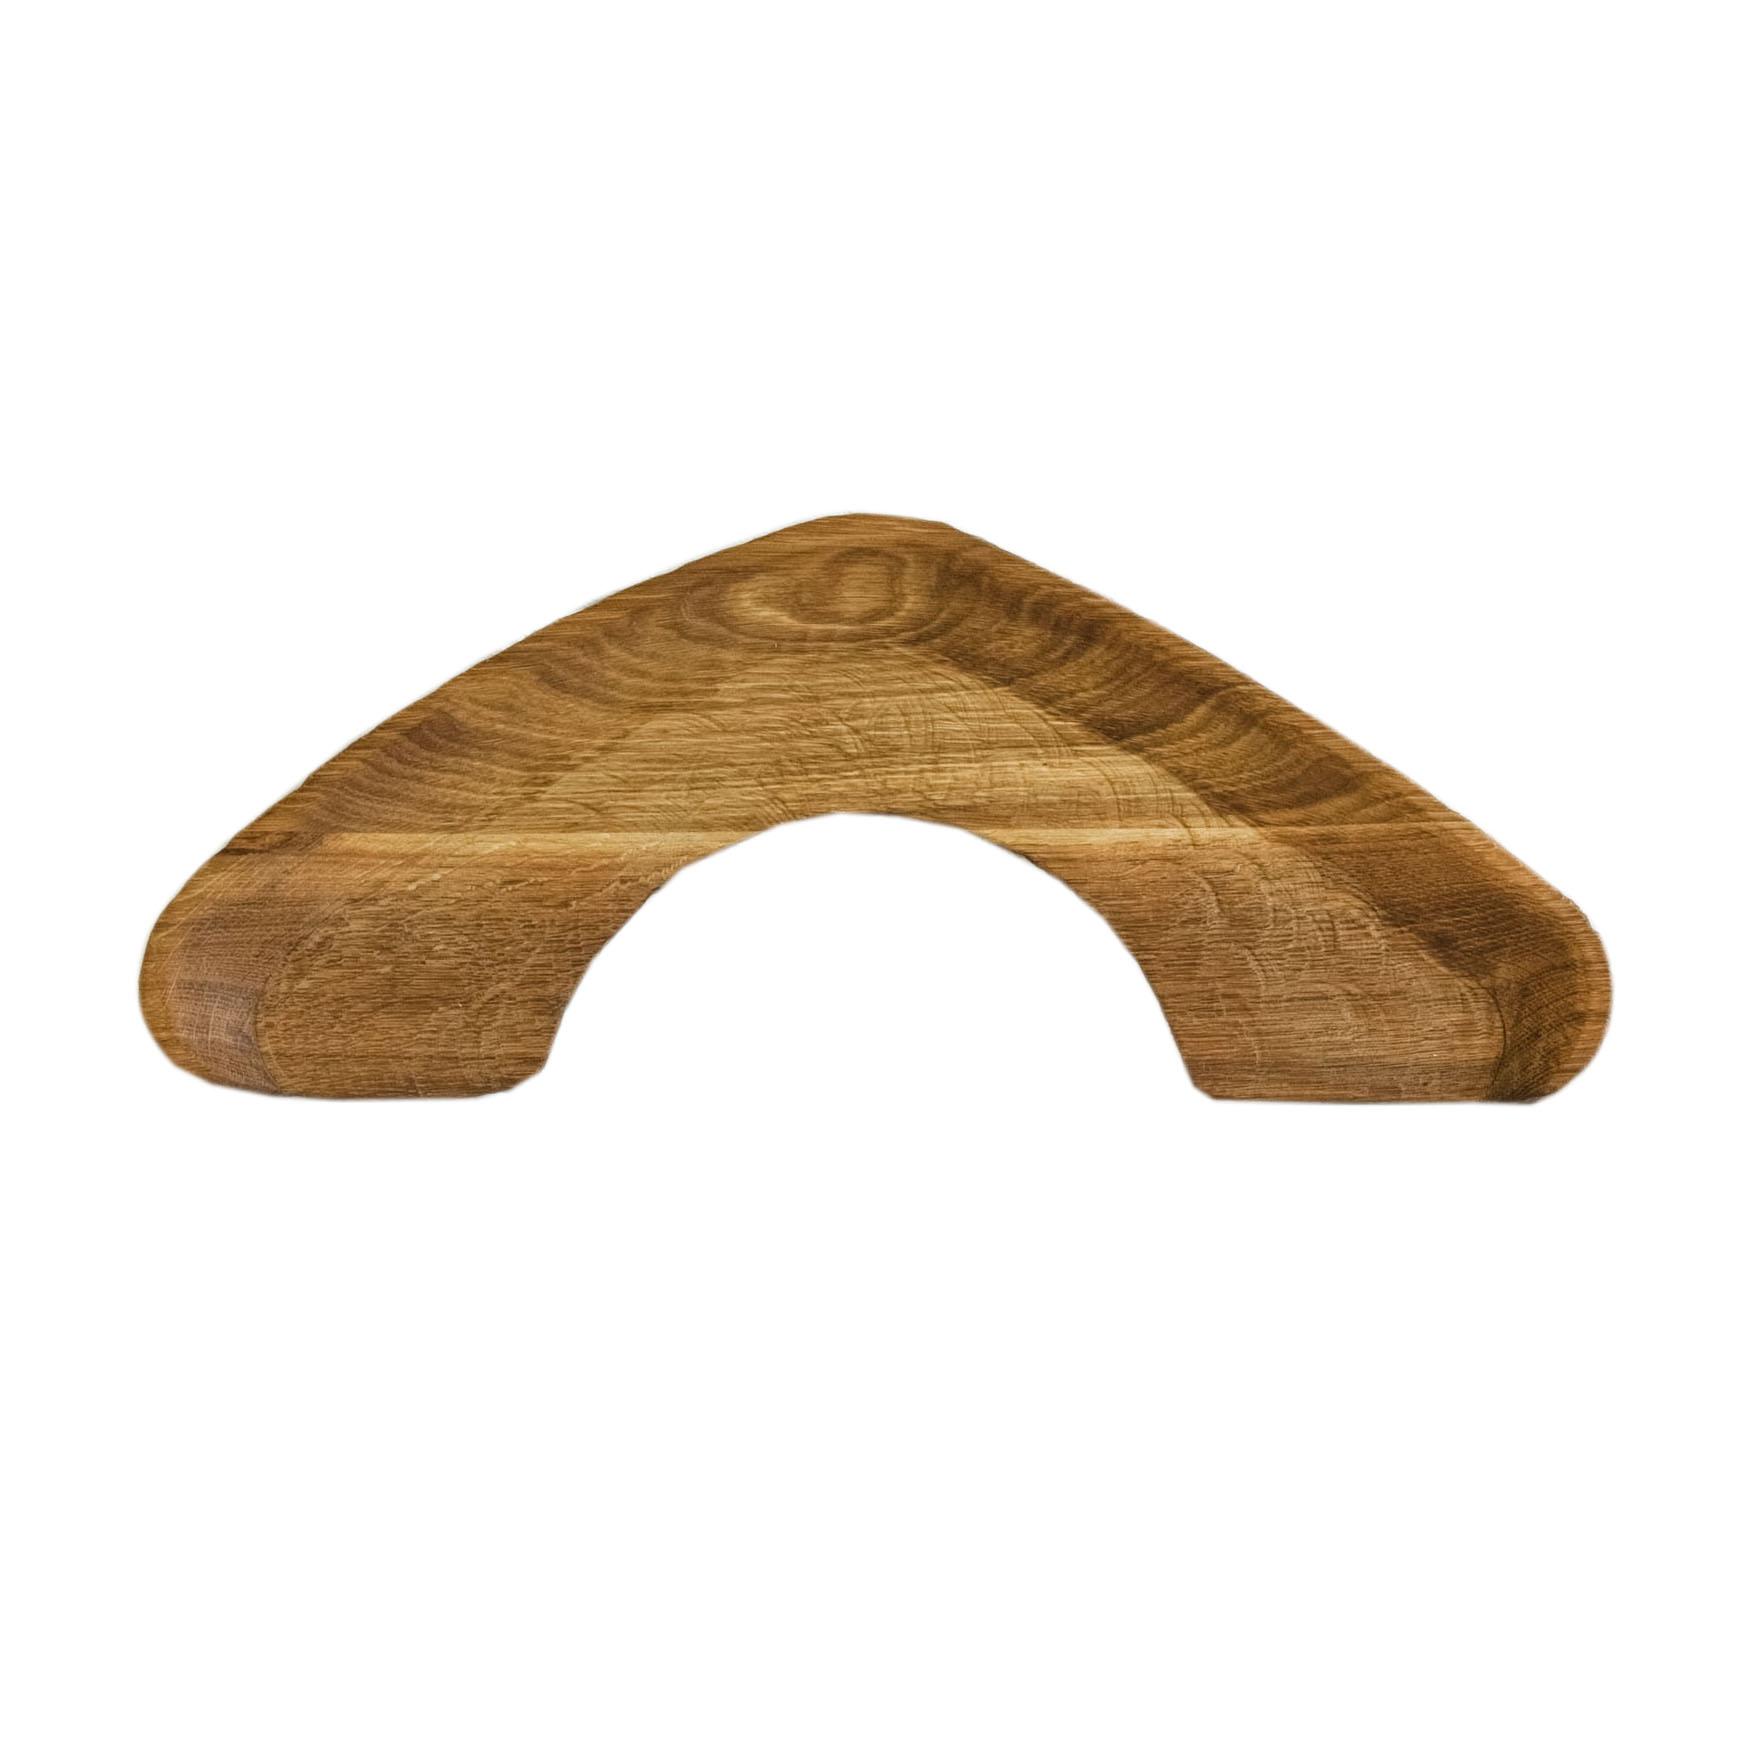 Тарелка Плато вигаДекоративные блюда<br>&amp;quot;Кика&amp;quot; - коллекция дубовых тарелок и плато для подачи, дополняющих друг друга. Сделано вручную. Покрытие: льняное масло. Плато можно использовать как поднос или предмет для сервировки еды. При необходимости можно обновлять покрытие, протерев поверхность тряпочкой, смоченной льняным маслом. После влажной обработки его нужно протирать полотенцем. Плато не предназначено для длительного хранения жидкостей. Из-за специфики ручного труда все предметы отличаются друг от друга<br><br>Material: Дуб<br>Length см: 49<br>Width см: 20